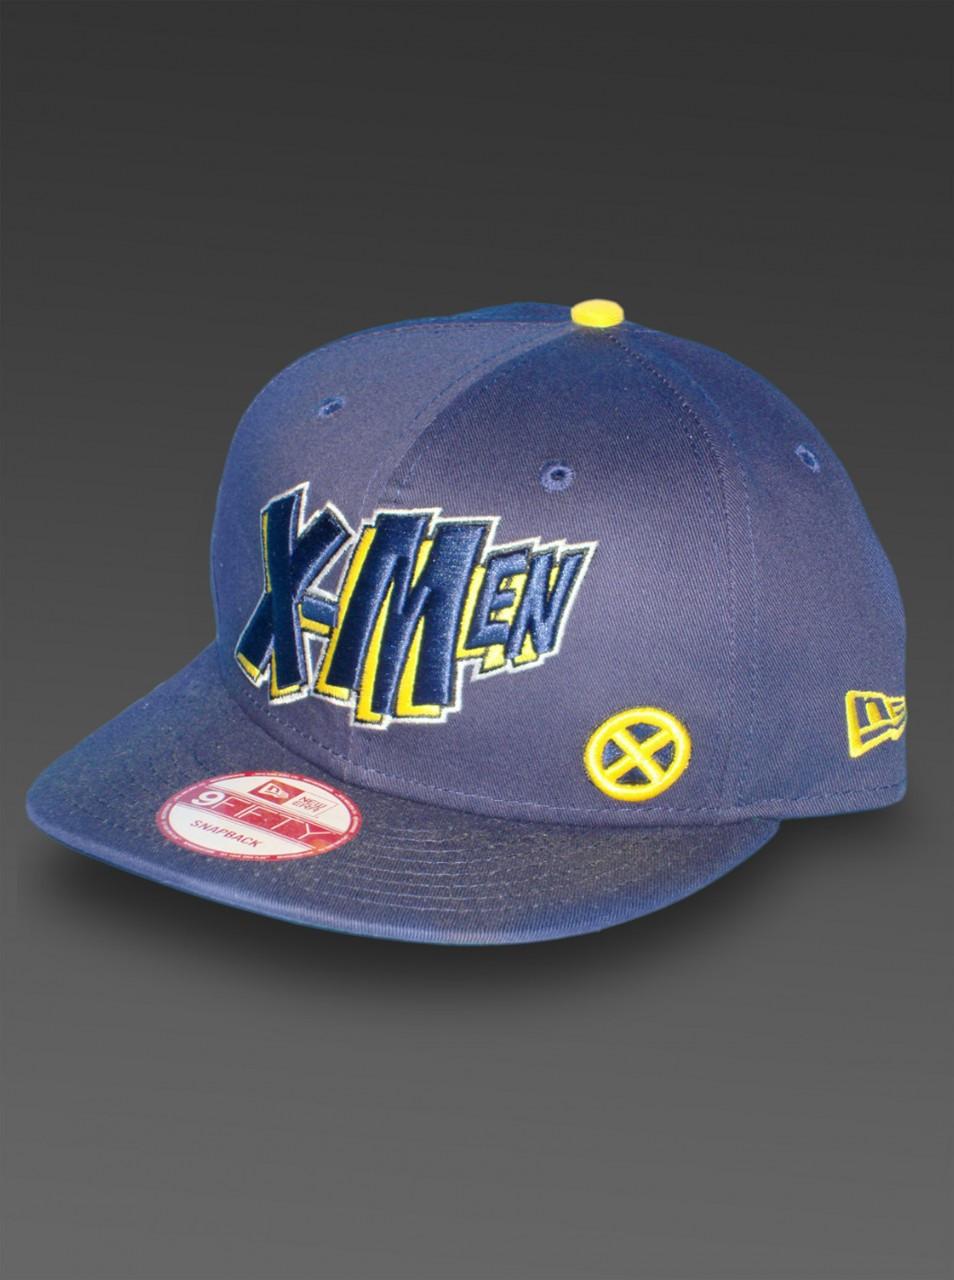 aba47552 ... order x men new era 9fifty snapback hat marvel comics adjustable cap  left c10f6 f13d0